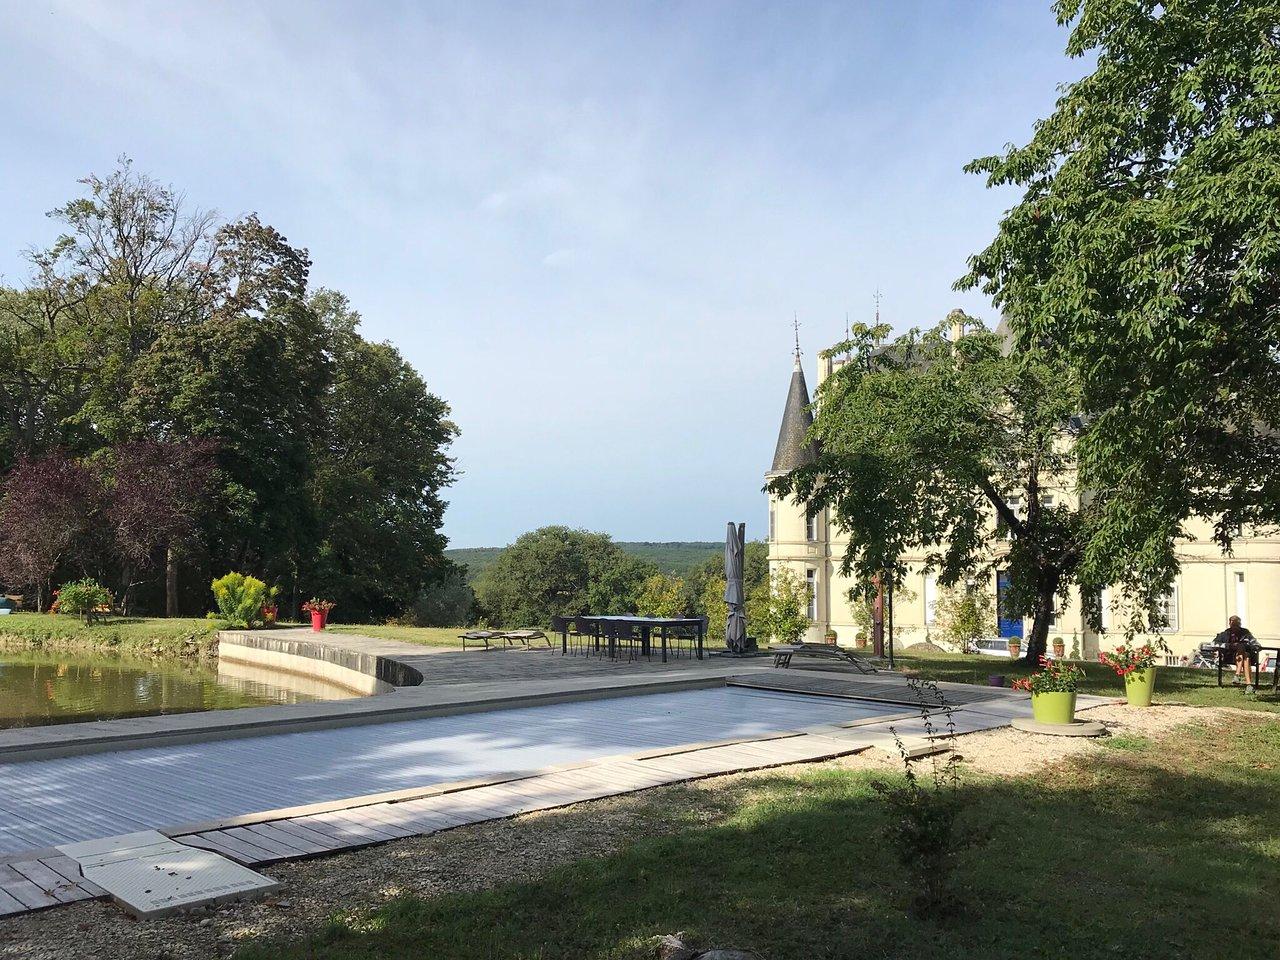 ch�teau de marieville (bonneuil-matours) - chateau de